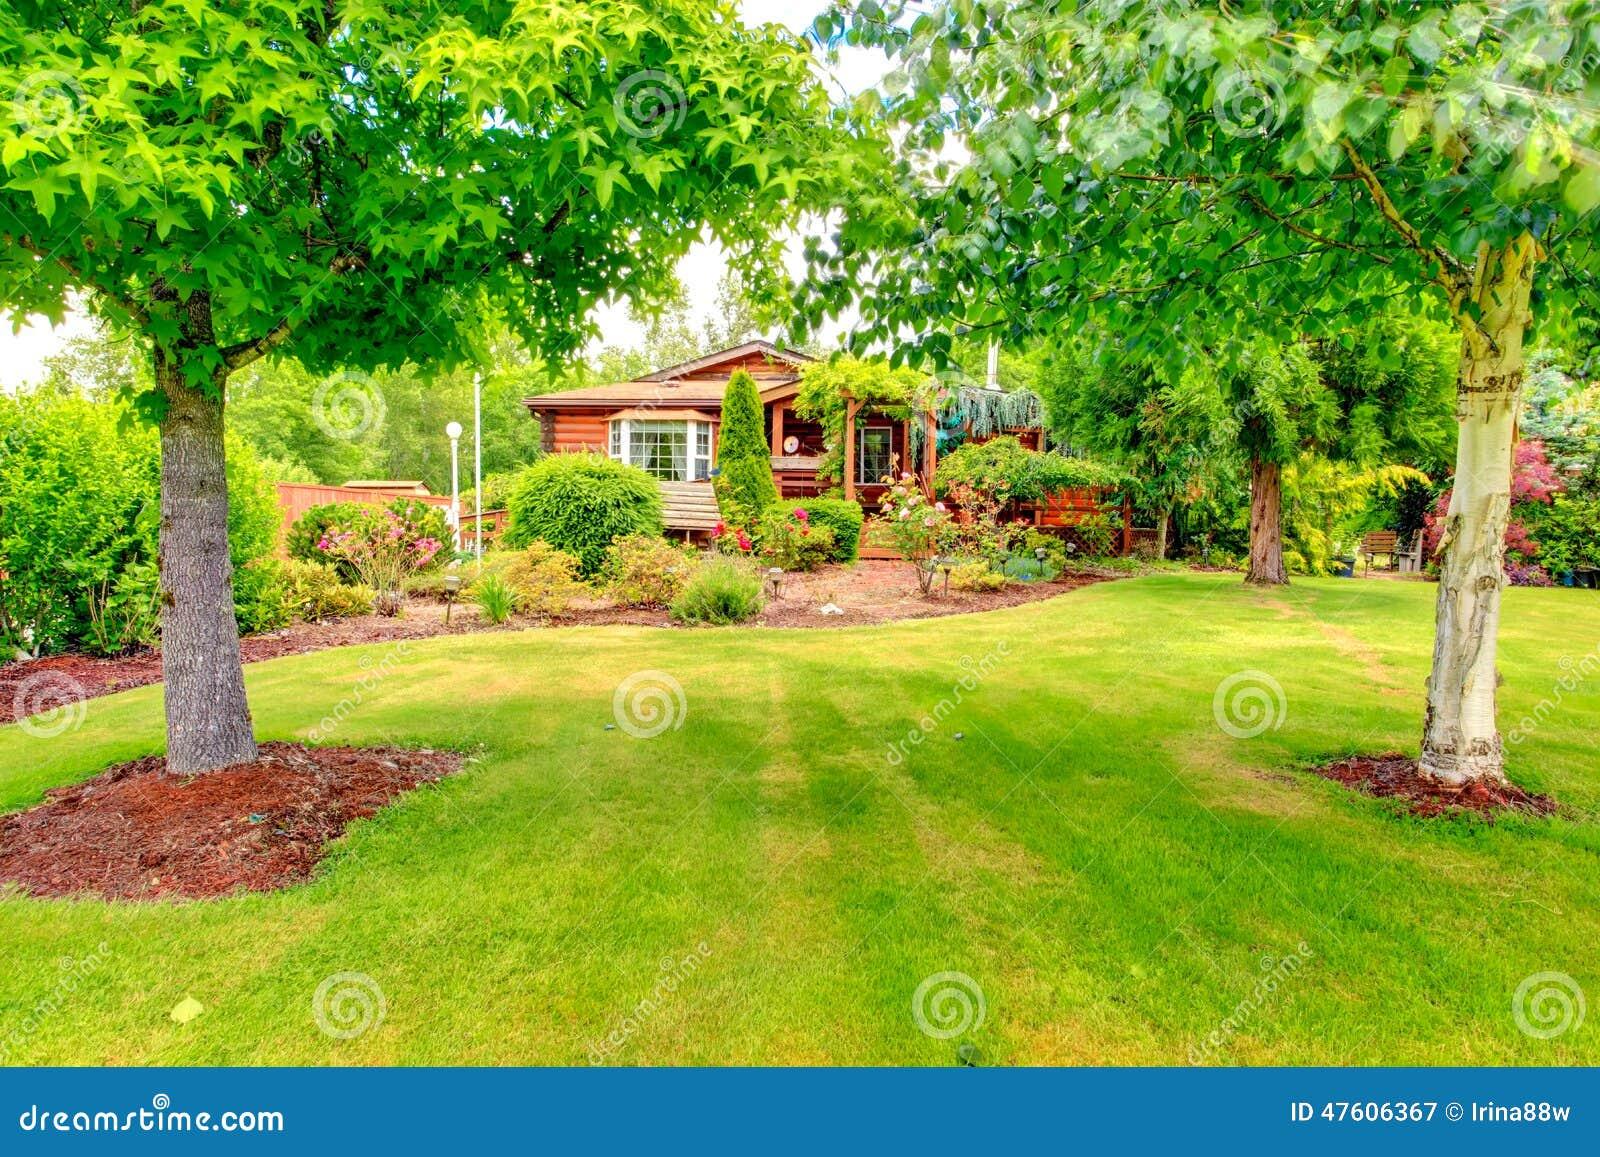 Casa del estilo de la caba a de madera exterior con for Estilos de jardines para casas